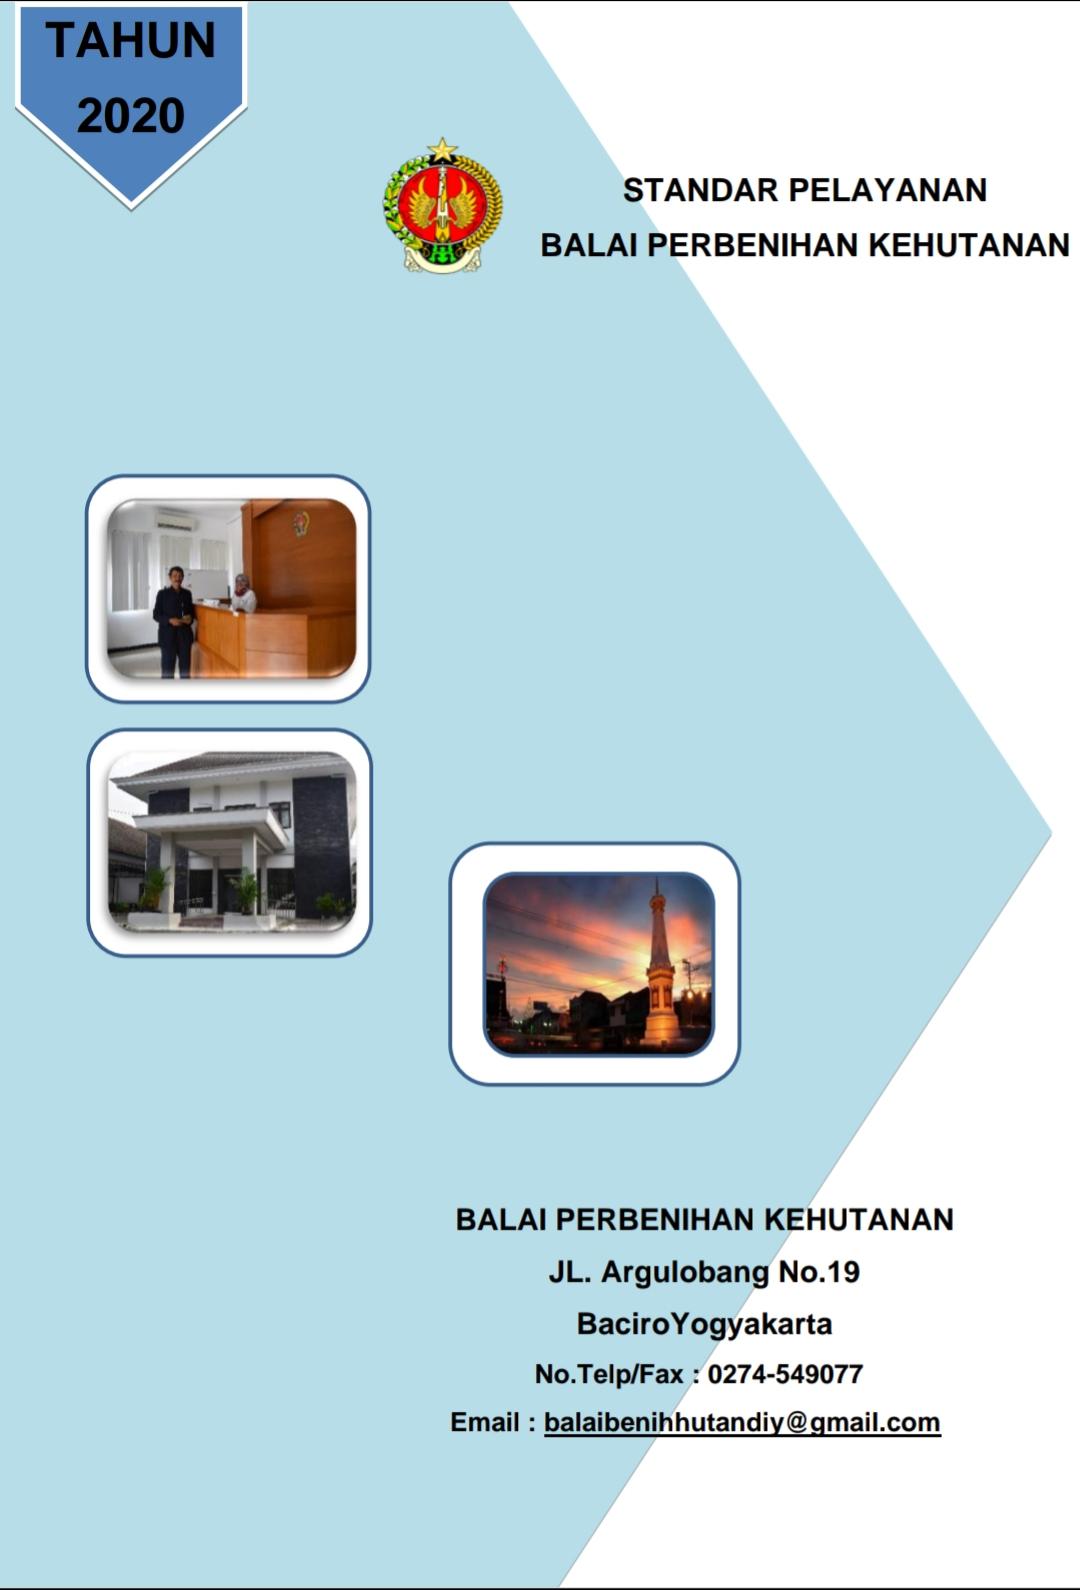 Standar Pelayanan Balai Perbenihan Kehutanan